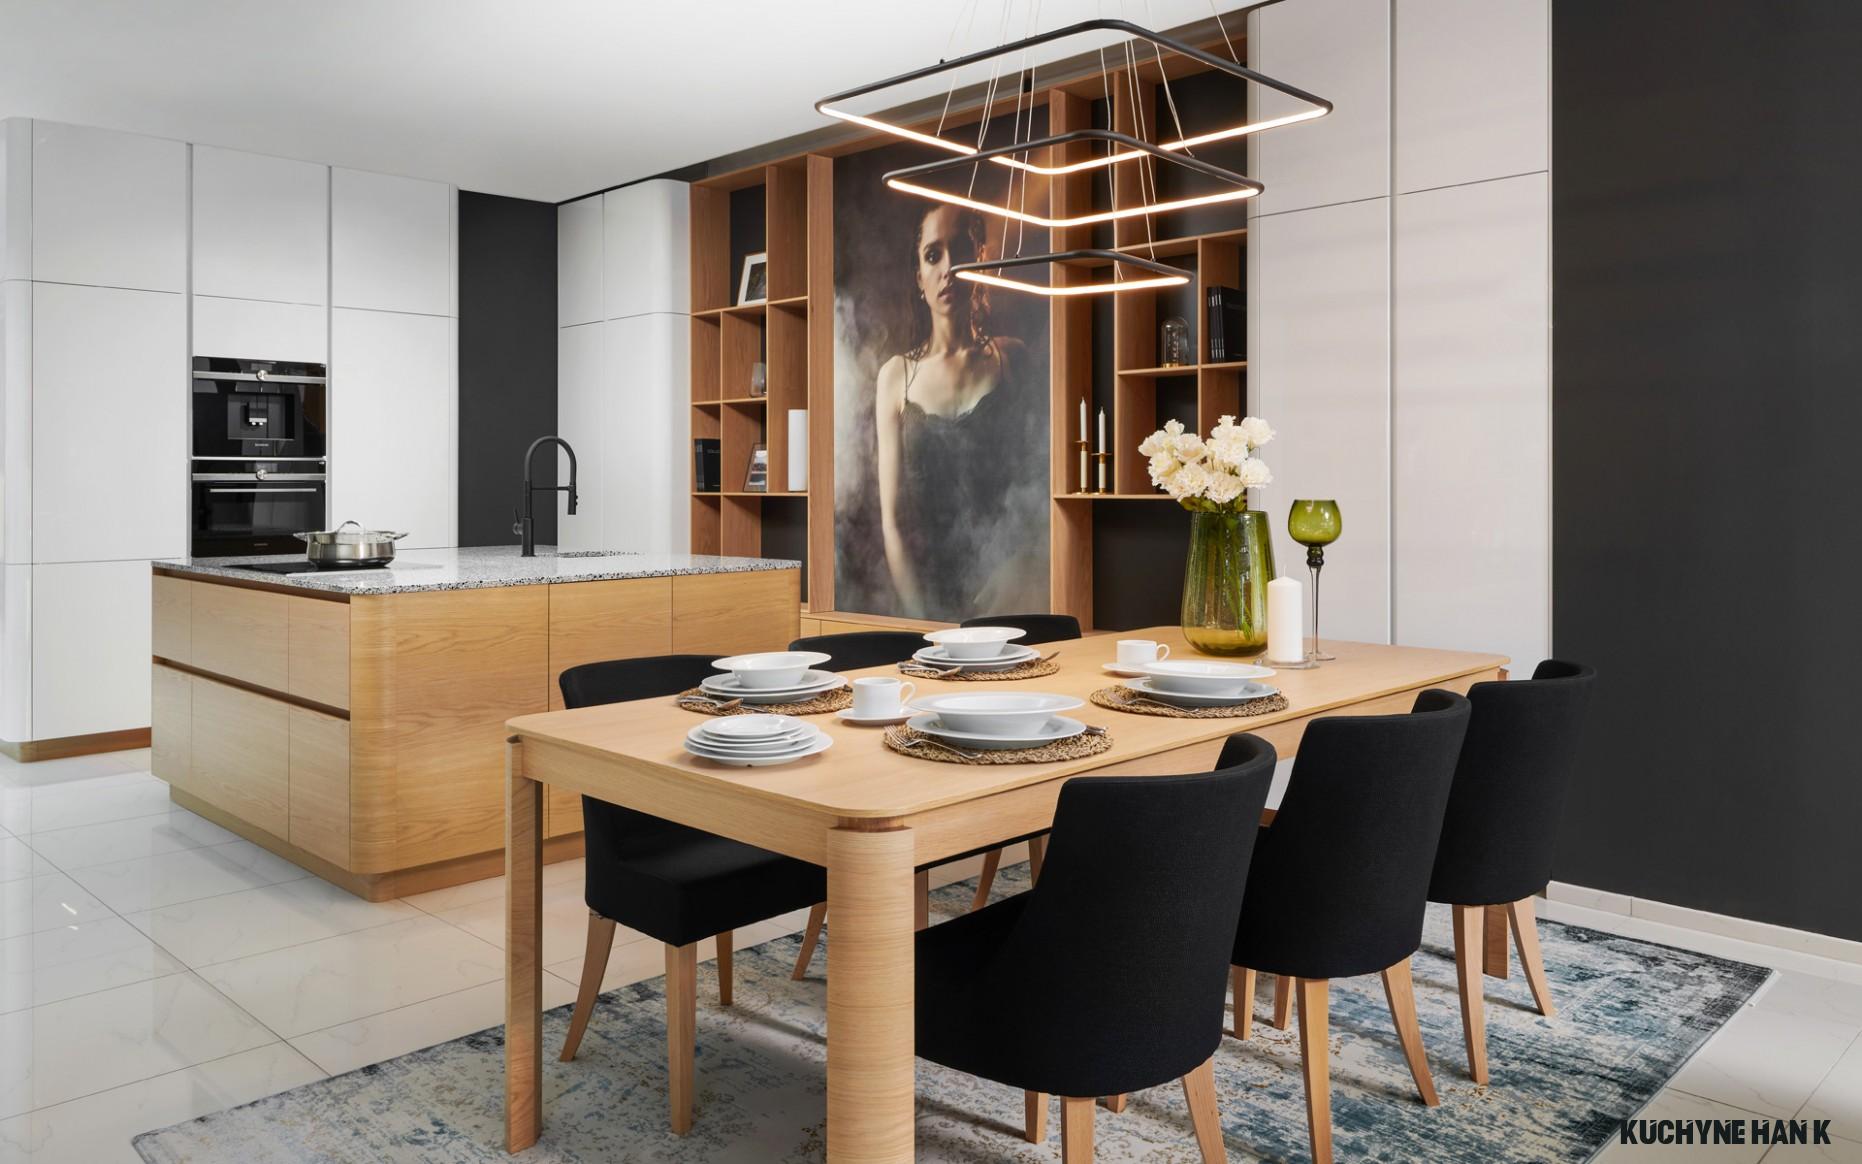 10 Znamenitý Galerie Nápad z Kuchyně Hanák